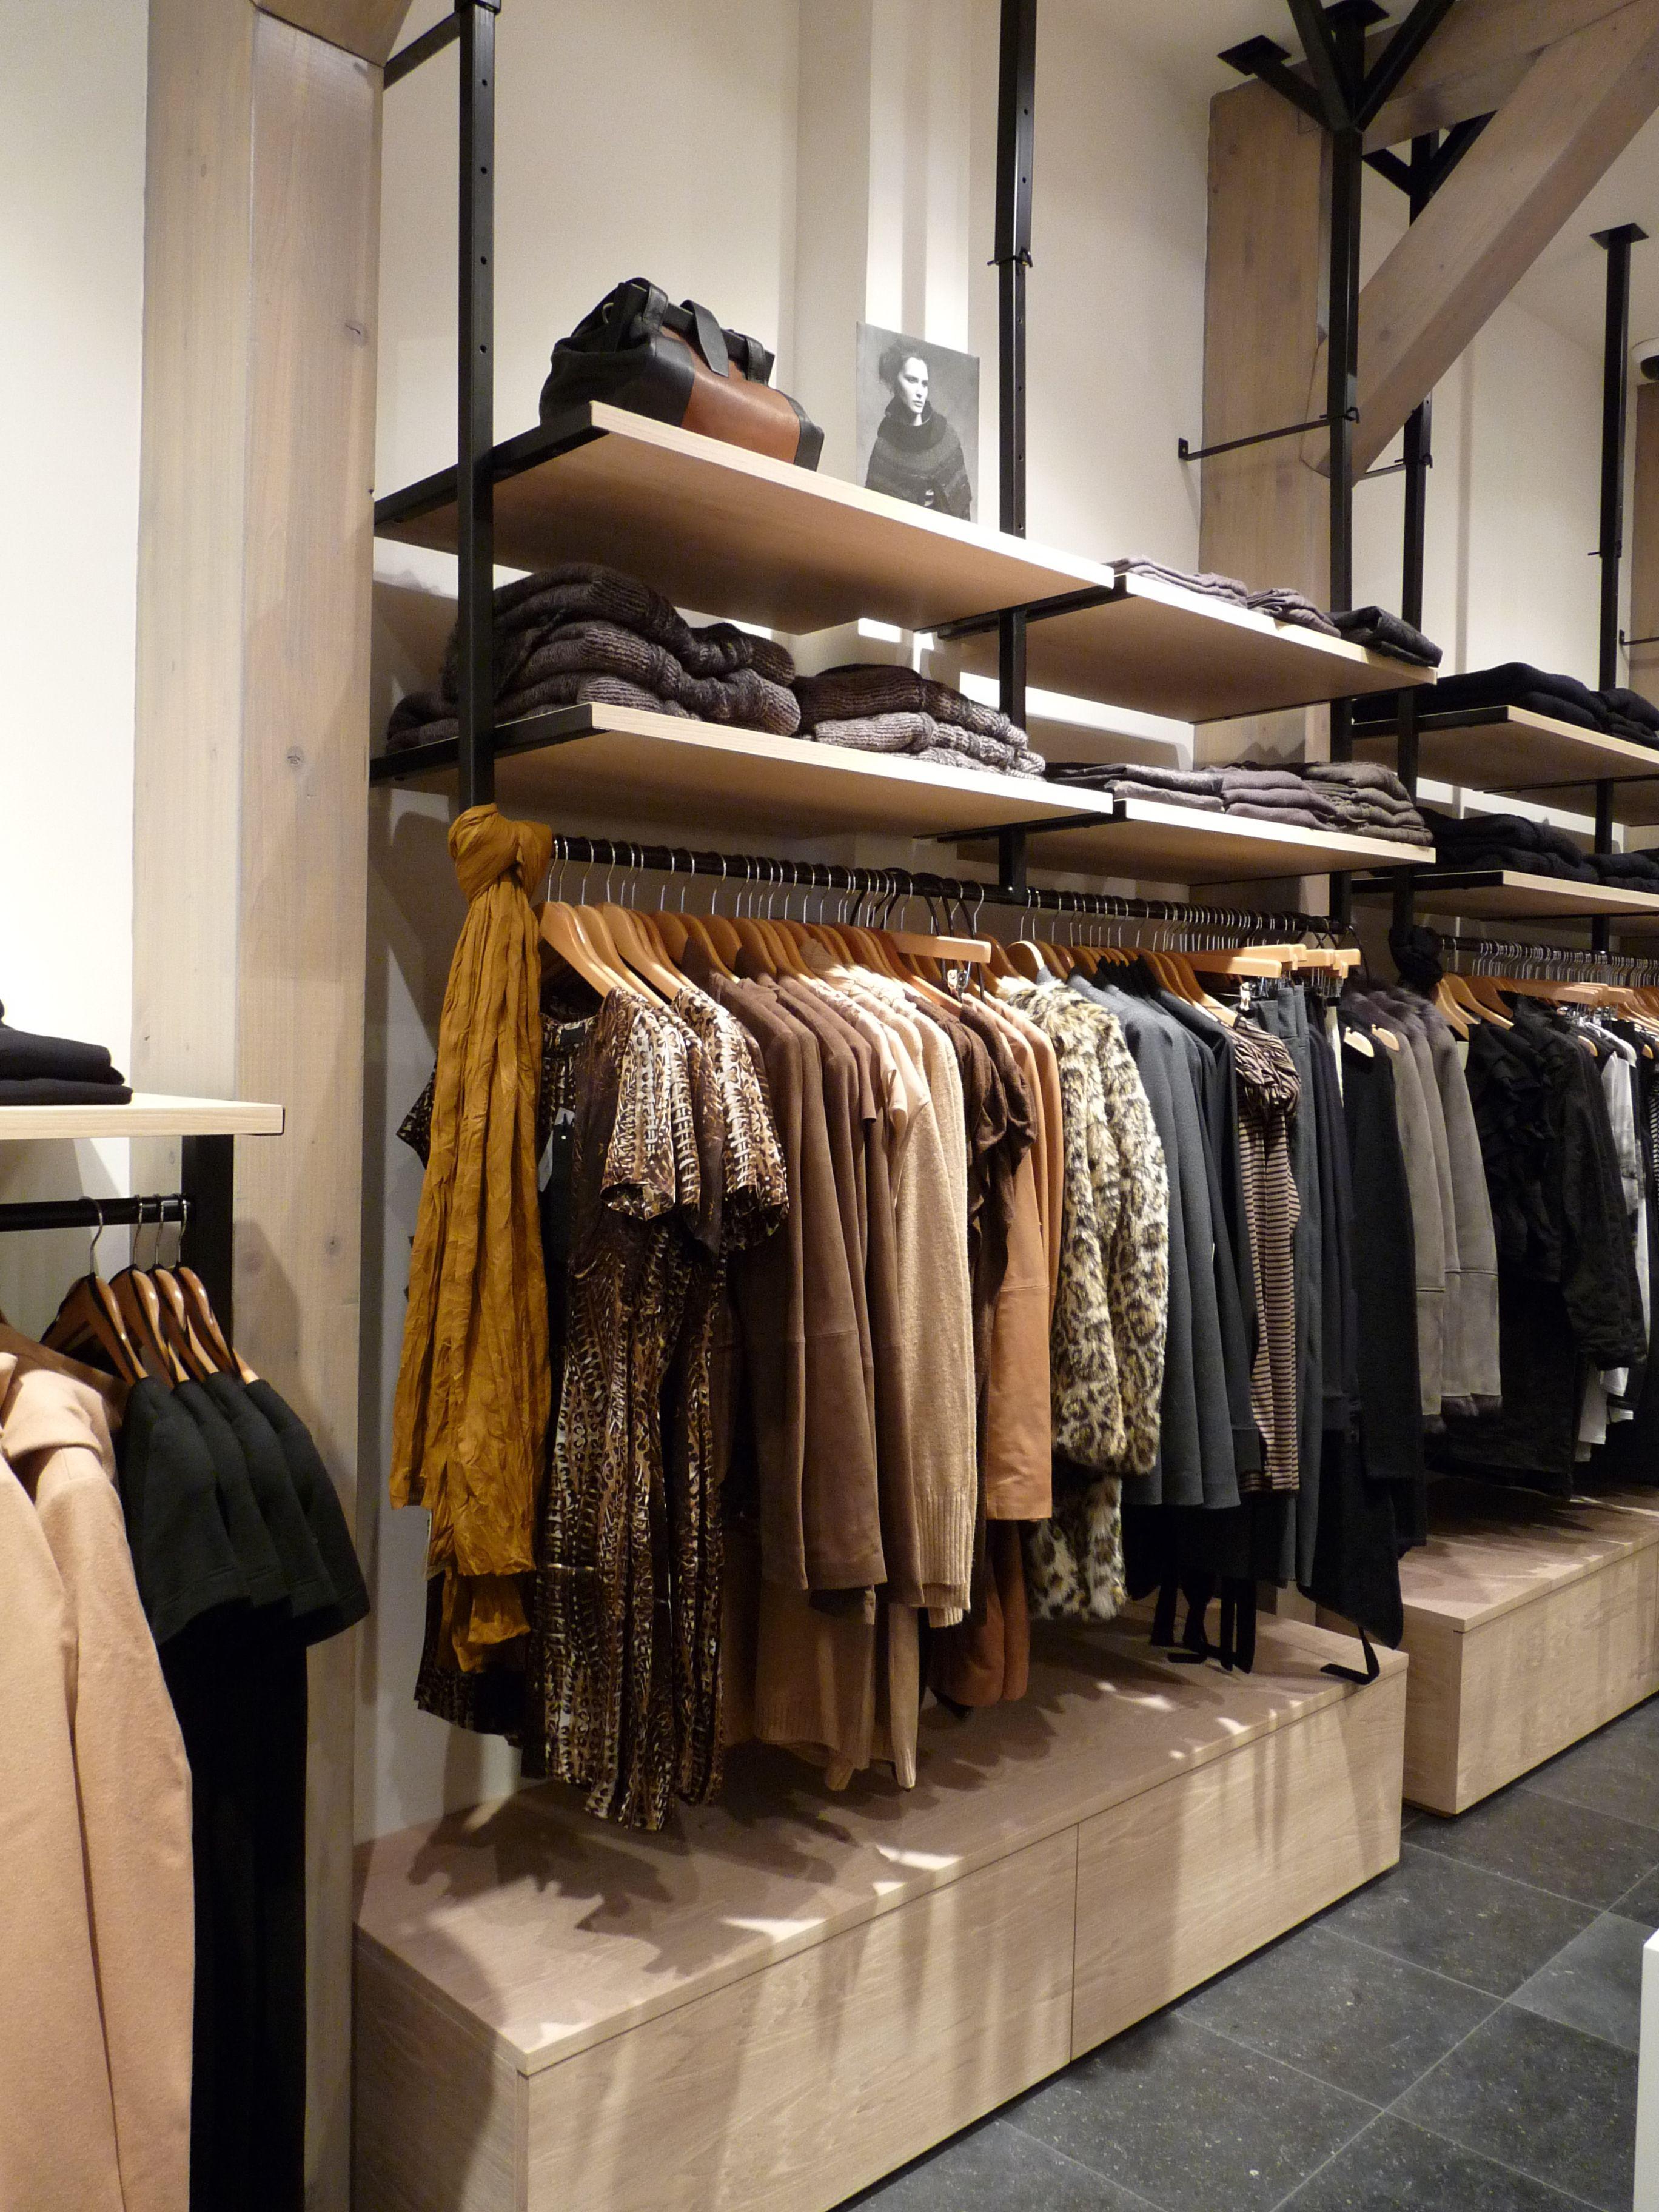 Maatwerk interieur kledingwinkel | Pipe design | Pinterest